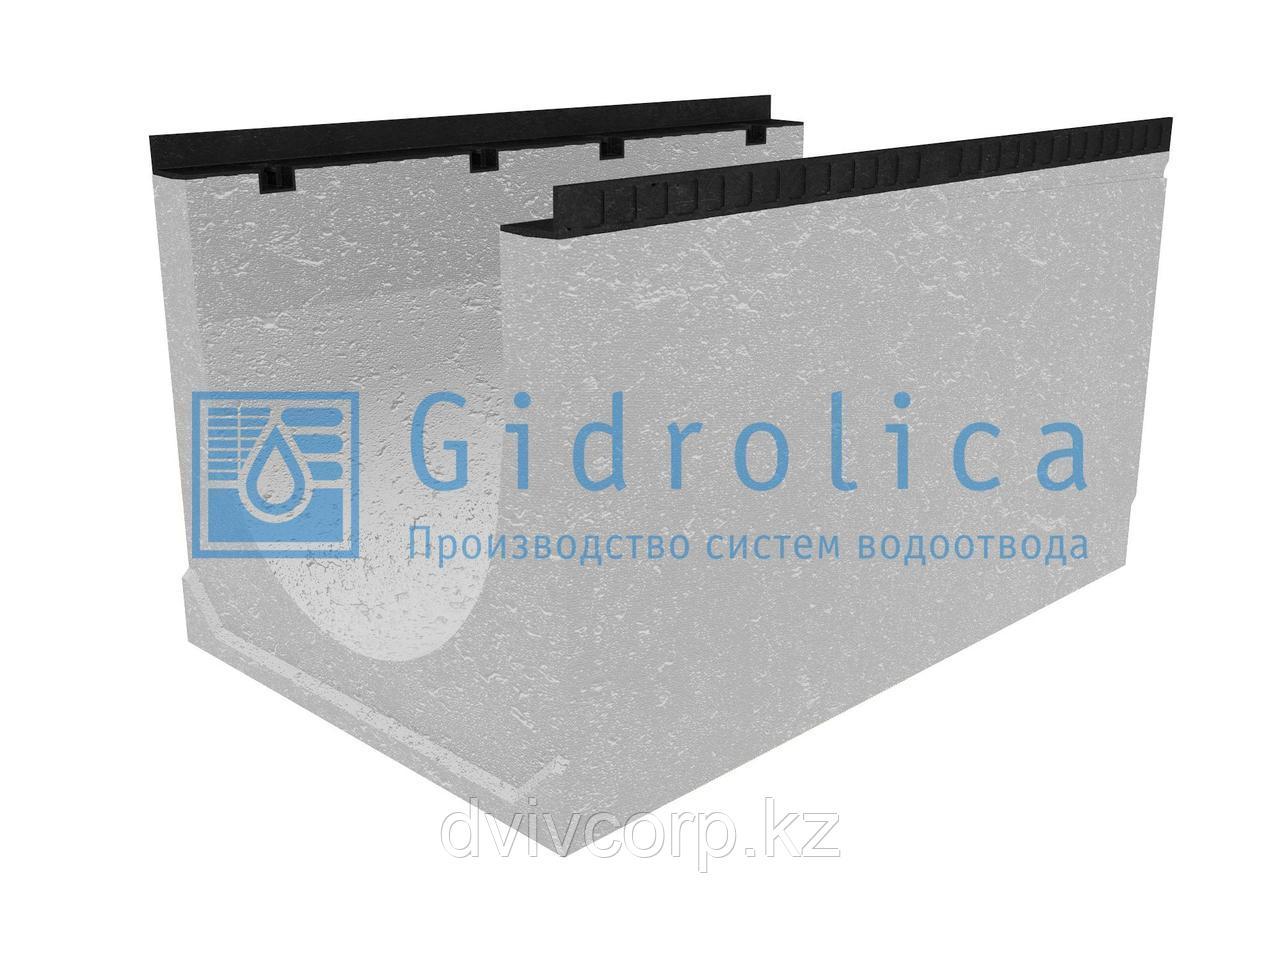 Лоток водоотводный бетонный коробчатый (СО-500мм), с уклоном 0,5%  КUу 100.65(50).59,5(50,5) - BGМ, № 29